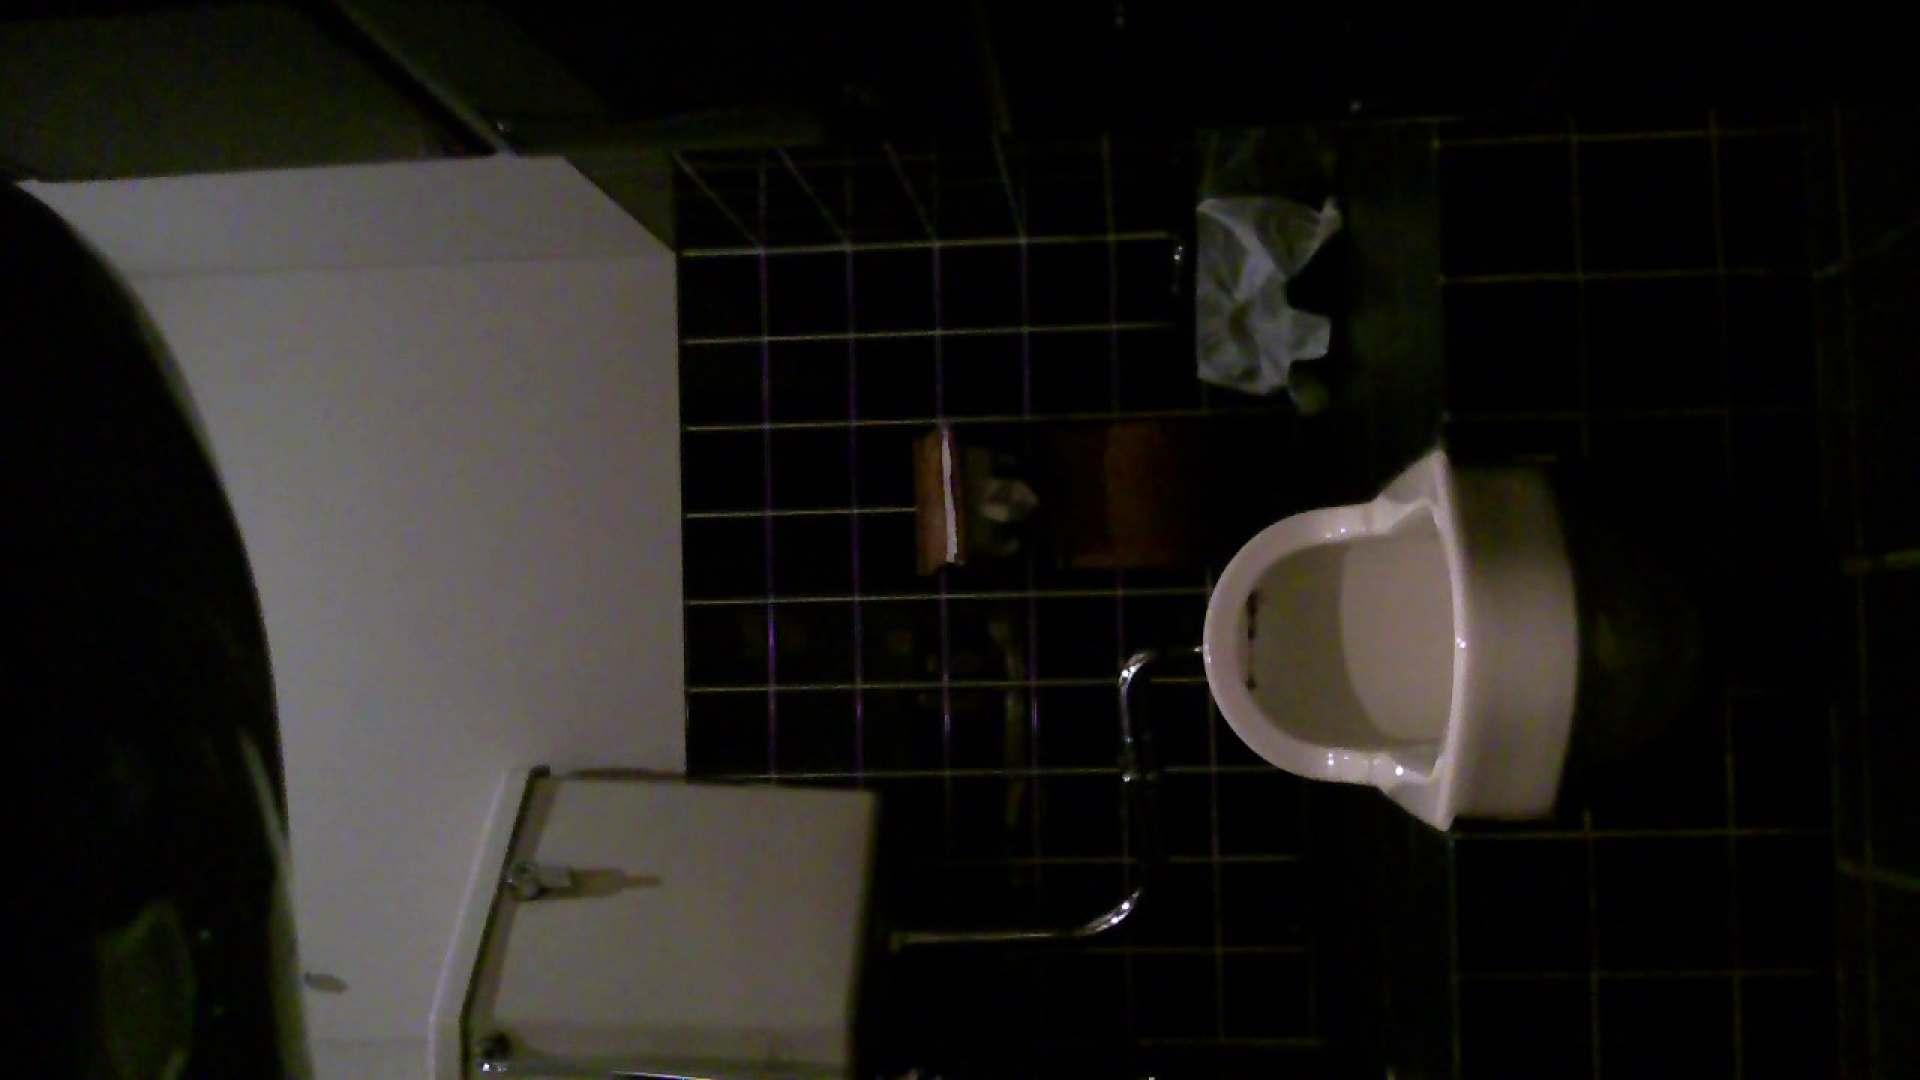 美女の集まる飲み屋洗面所 vol.04 美女エロ画像   OLエロ画像  52PICs 13